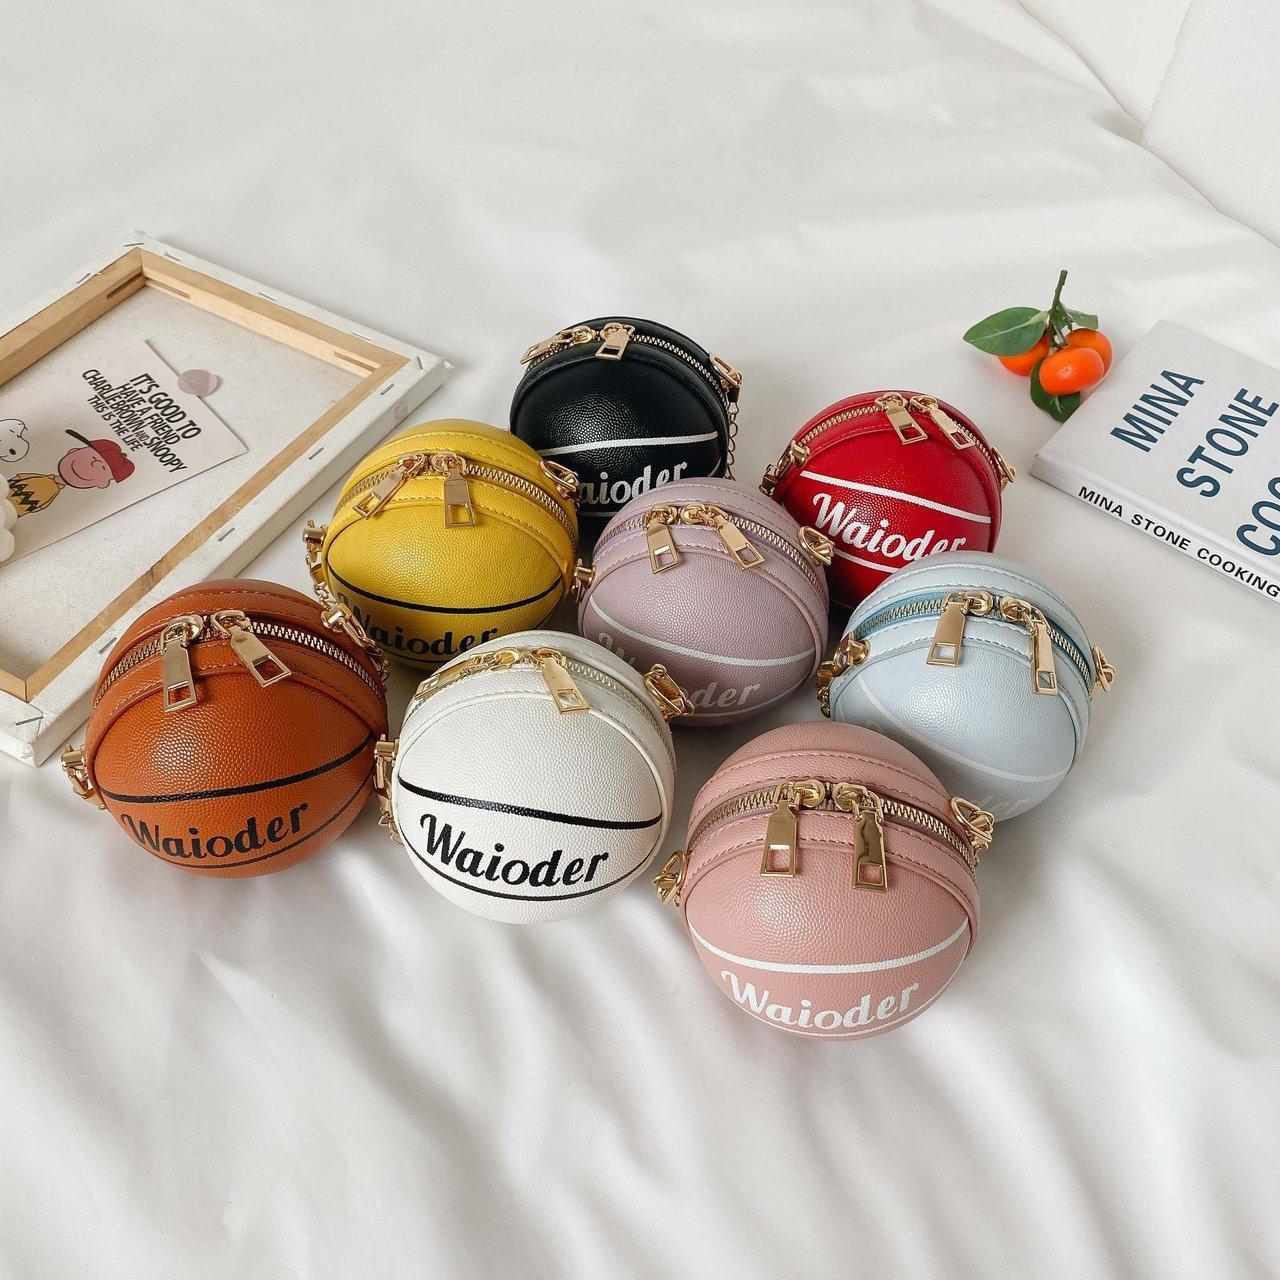 2020 moda infantil Bolsas coreano Crianças Mini Princesa bolsas grande capacidade Basketball Cross-corpo bonito Coin Bolsas Presentes Crianças Natal